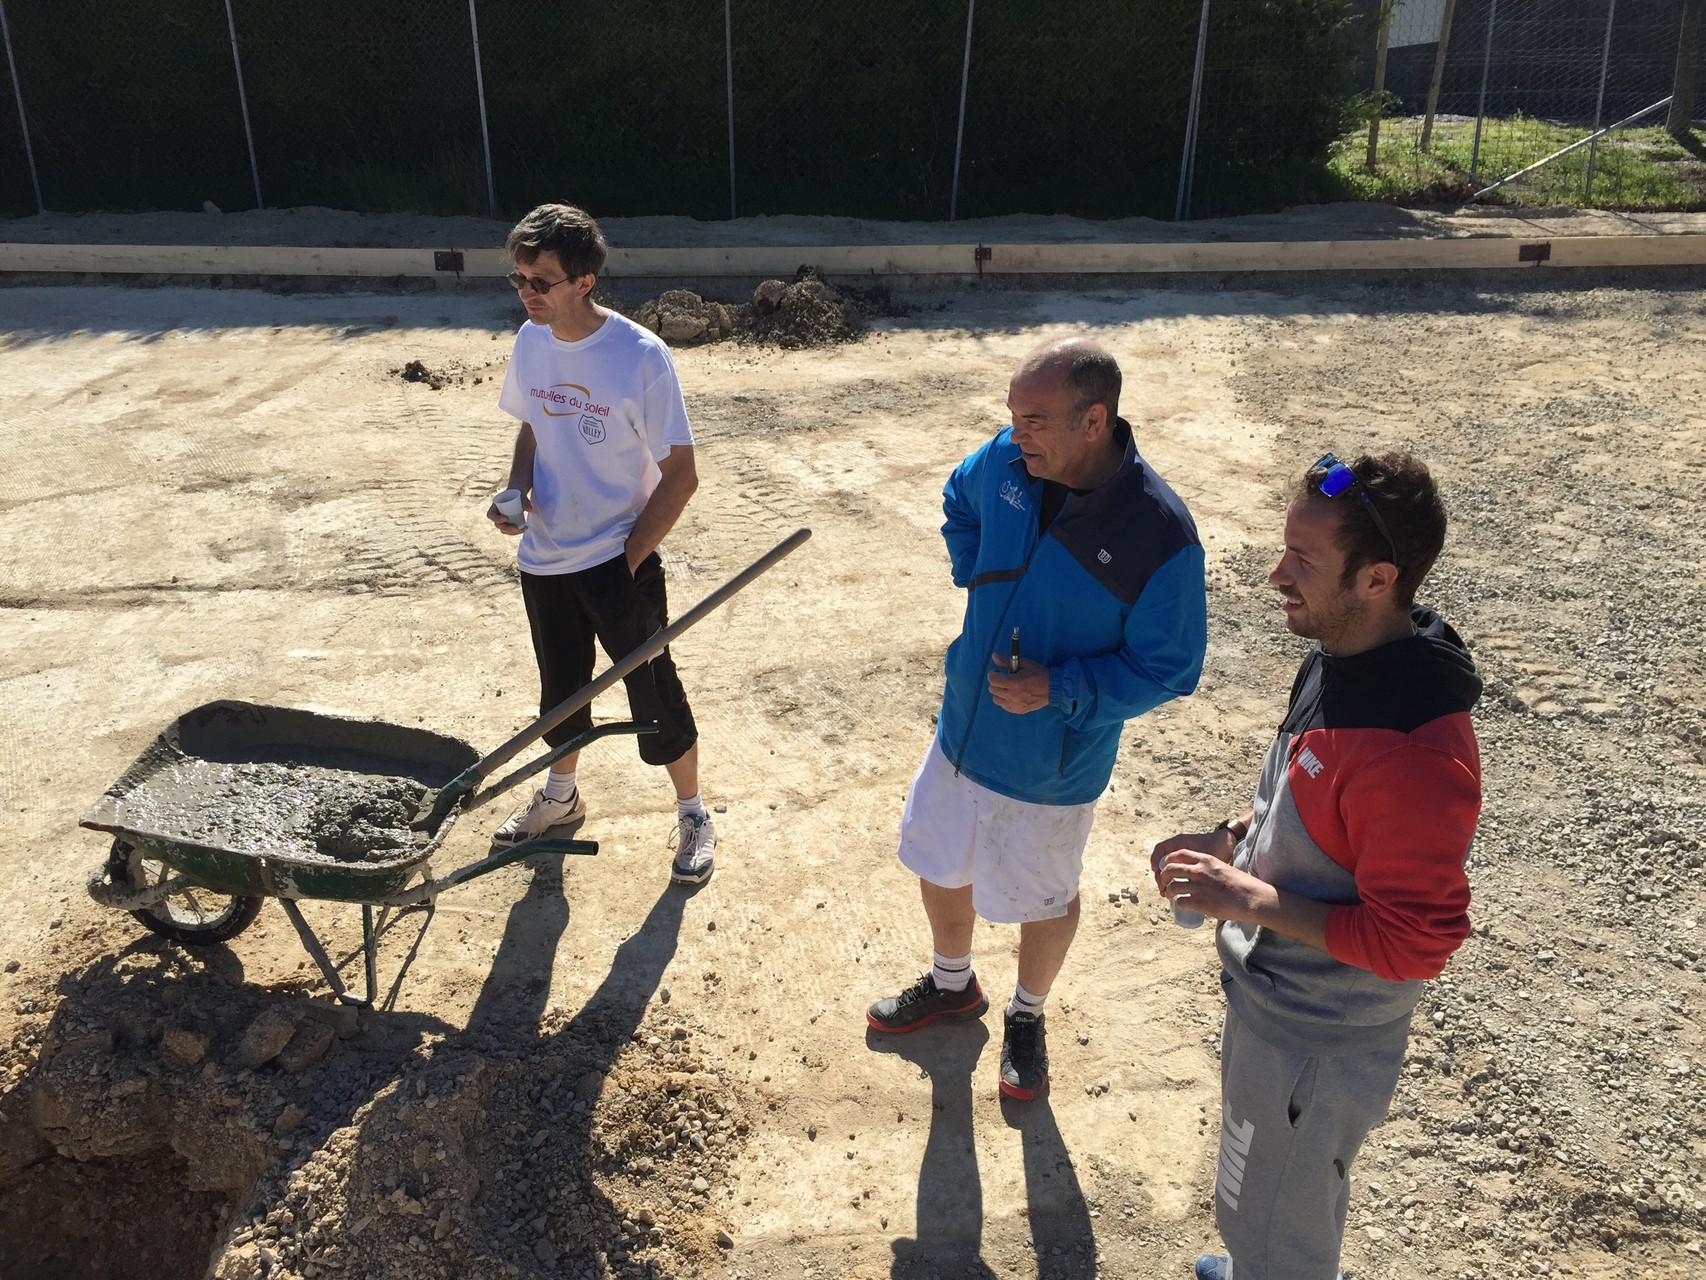 Beach tennis tennis club saint georges d 39 orques for Longueur terrain de tennis